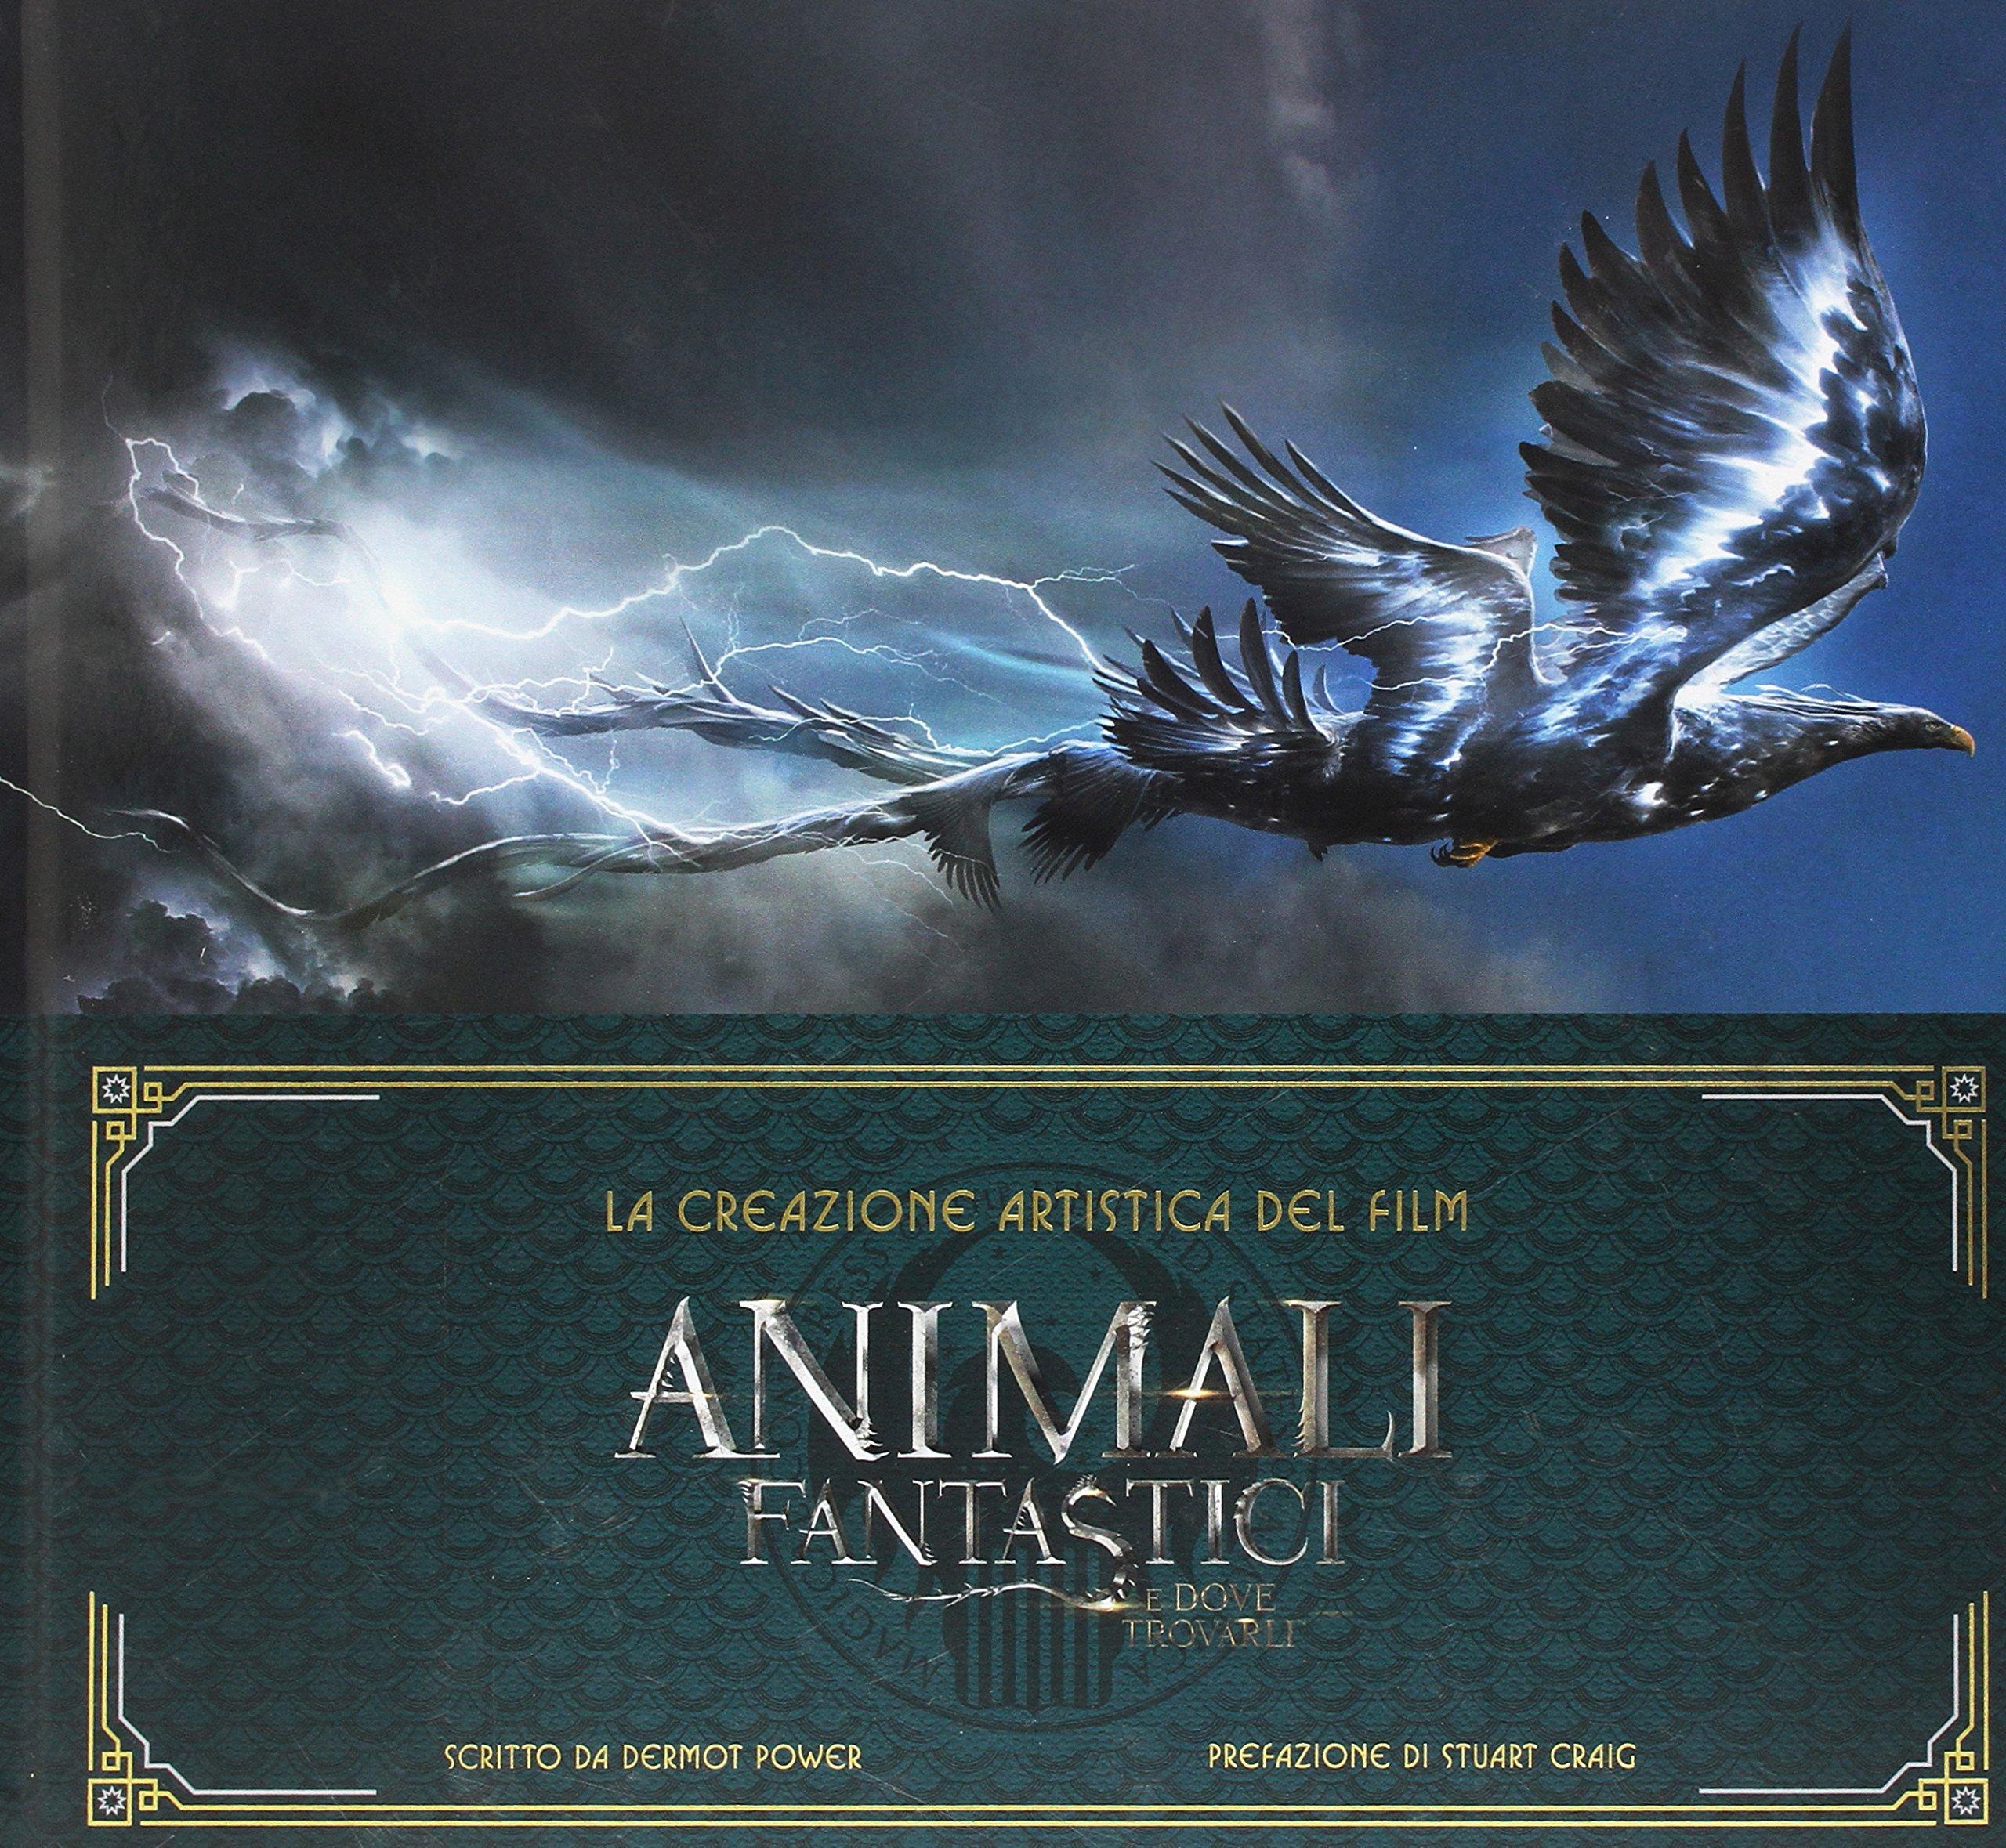 Animali Fantastici E Dove Trovarli La Creazione Artistica Del Film